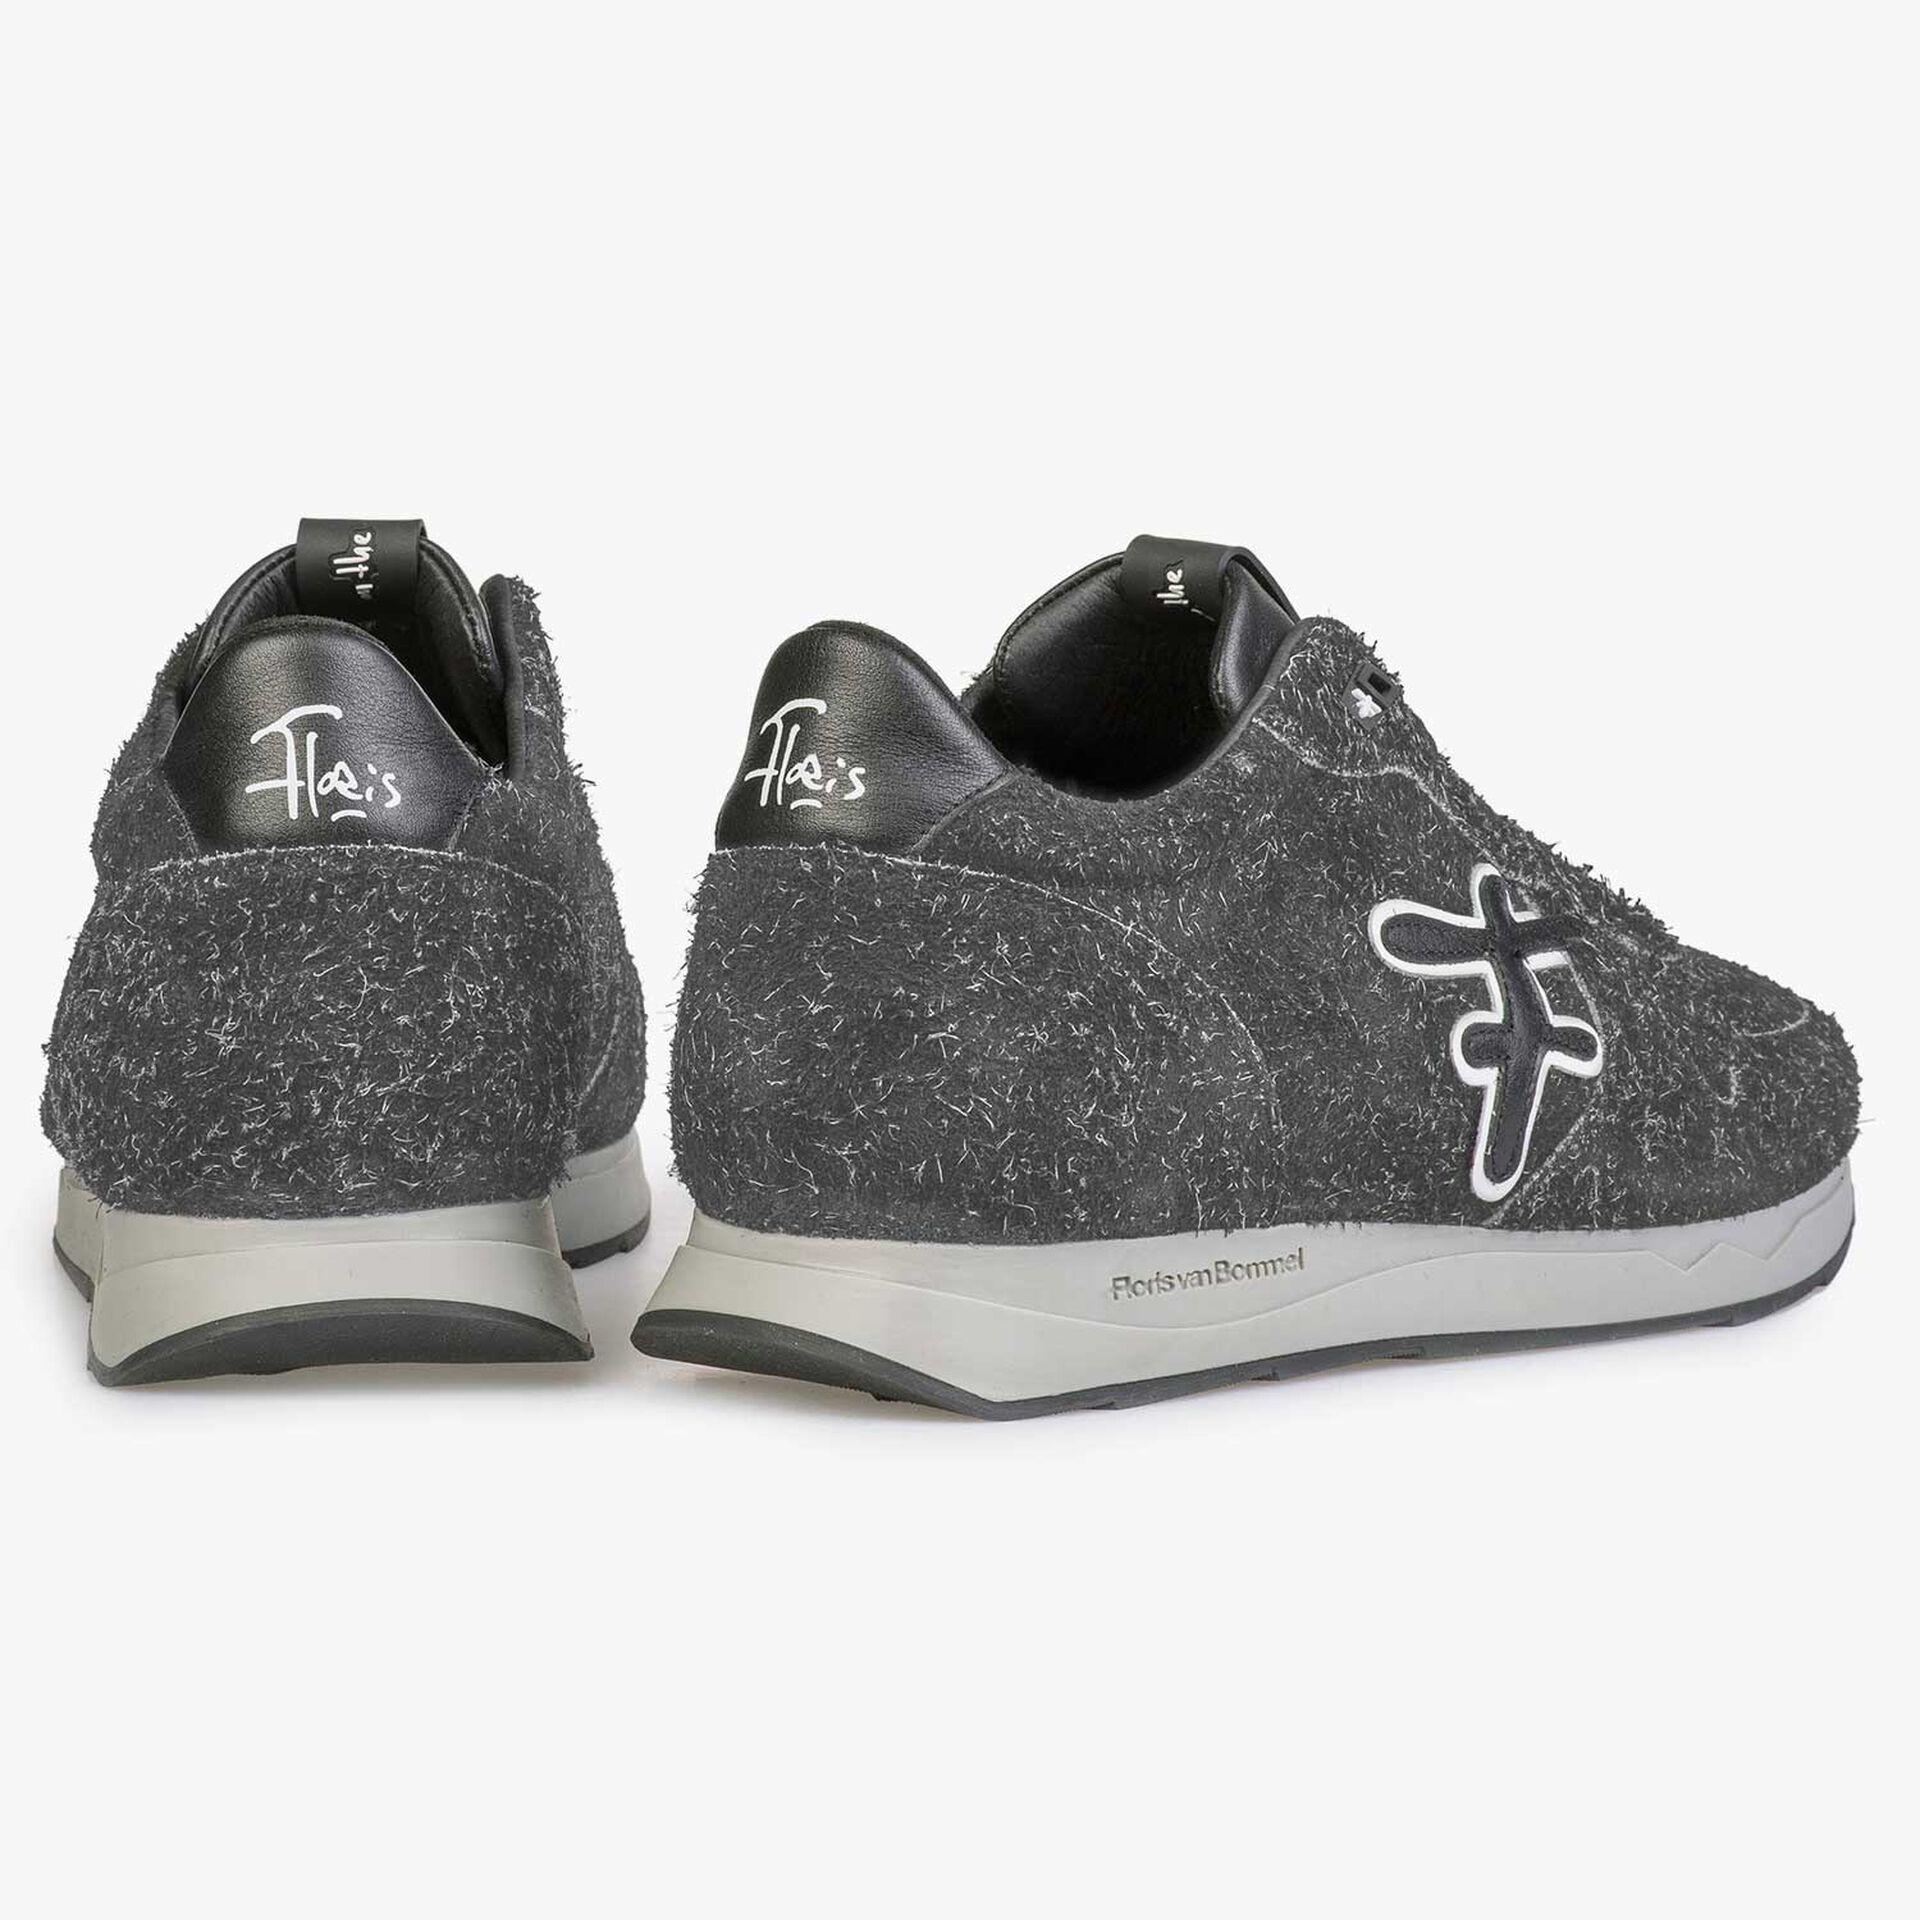 Donkergrijze ruwharige sneaker